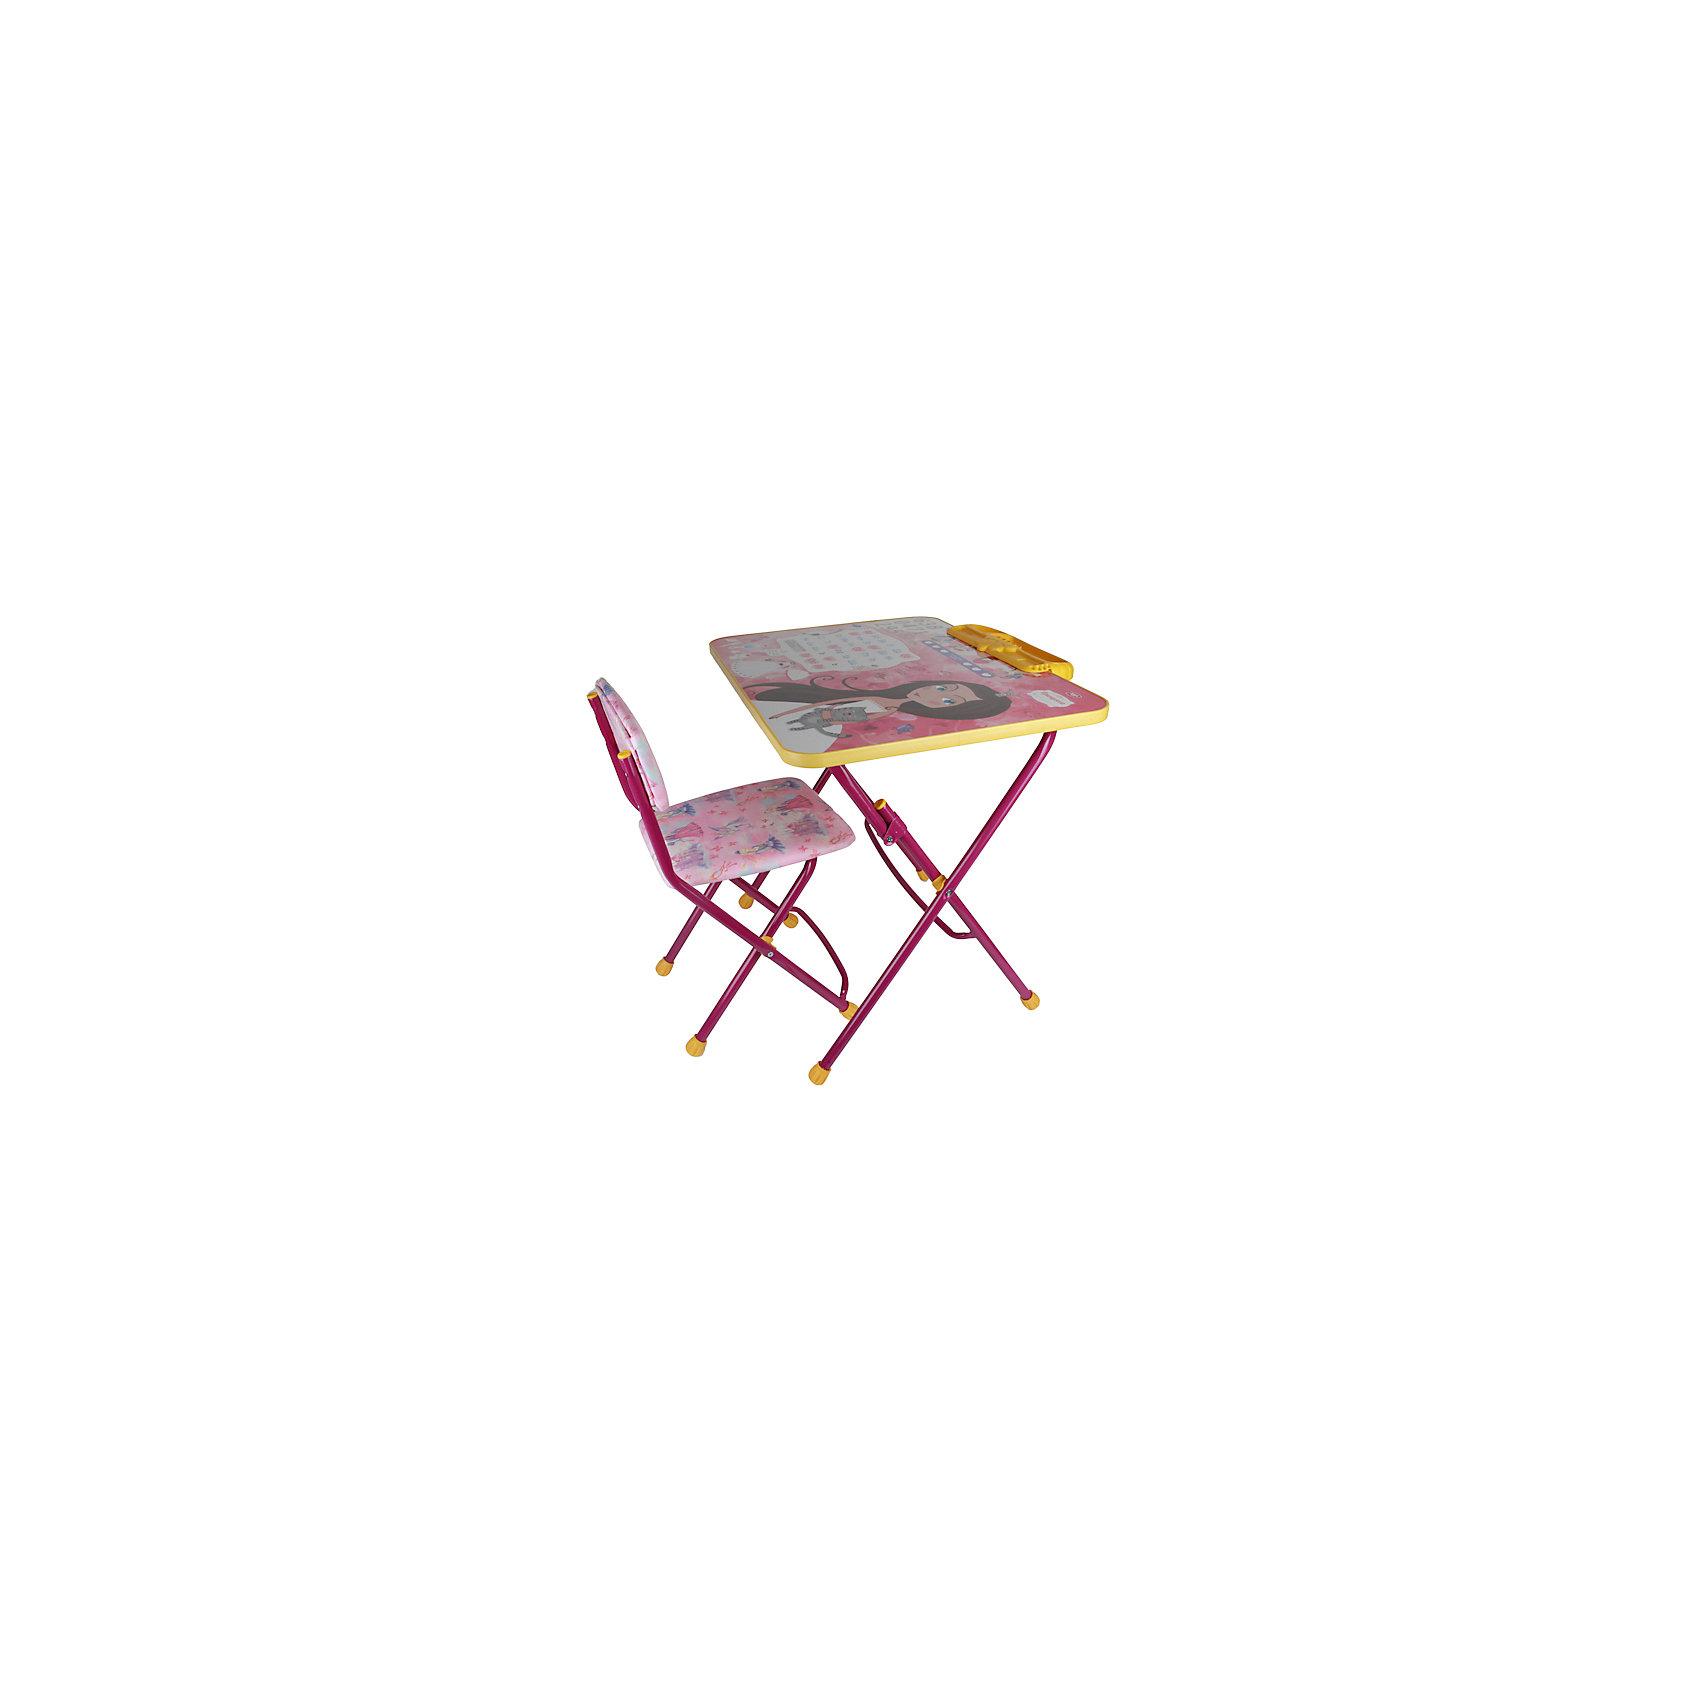 Набор мебели Маленькая ПринцессаПринцессы Дисней<br>Симпатичный комфортный набор детской мебели Маленькая принцесса идеально подойдет для занятий, игр и творчества девочки 3 -7 лет. В набор входят стол и стул с металлическим каркасом и мягким сиденьем, выполненные в приятной розовой расцветке. Пластиковая столешница облицована пленкой, на которой изображены буквы русского алфавита, цифры и фигурка сказочной принцессы. Мебель удобна и безопасна для ребенка, углы стола и стула мягко закруглены. Ножки снабжены наконечниками, предотвращающими скольжение. Сиденье стульчика можно мыть. Стул и стол легко складываются и не занимают много места при хранении.<br><br>Дополнительная информация:<br><br>- В комплекте: складной стол, пенал, мягкий складной стул.<br>- Материал: пластик, металл.<br>- Размер стула: высота до сиденья - 32 см., высота со спинкой - 56 см., размер сиденья - 30 х 27 см.<br>- Размер стола: 58 х 45 х 57 см.<br>- Размер упаковки: 75 х 60 х 15 см.<br>- Вес: 8,2 кг.<br><br>Комплект Маленькая принцесса, Ника, можно купить в нашем интернет-магазине.<br><br>Ширина мм: 8200<br>Глубина мм: 8200<br>Высота мм: 60<br>Вес г: 8200<br>Возраст от месяцев: 36<br>Возраст до месяцев: 96<br>Пол: Женский<br>Возраст: Детский<br>SKU: 4652039